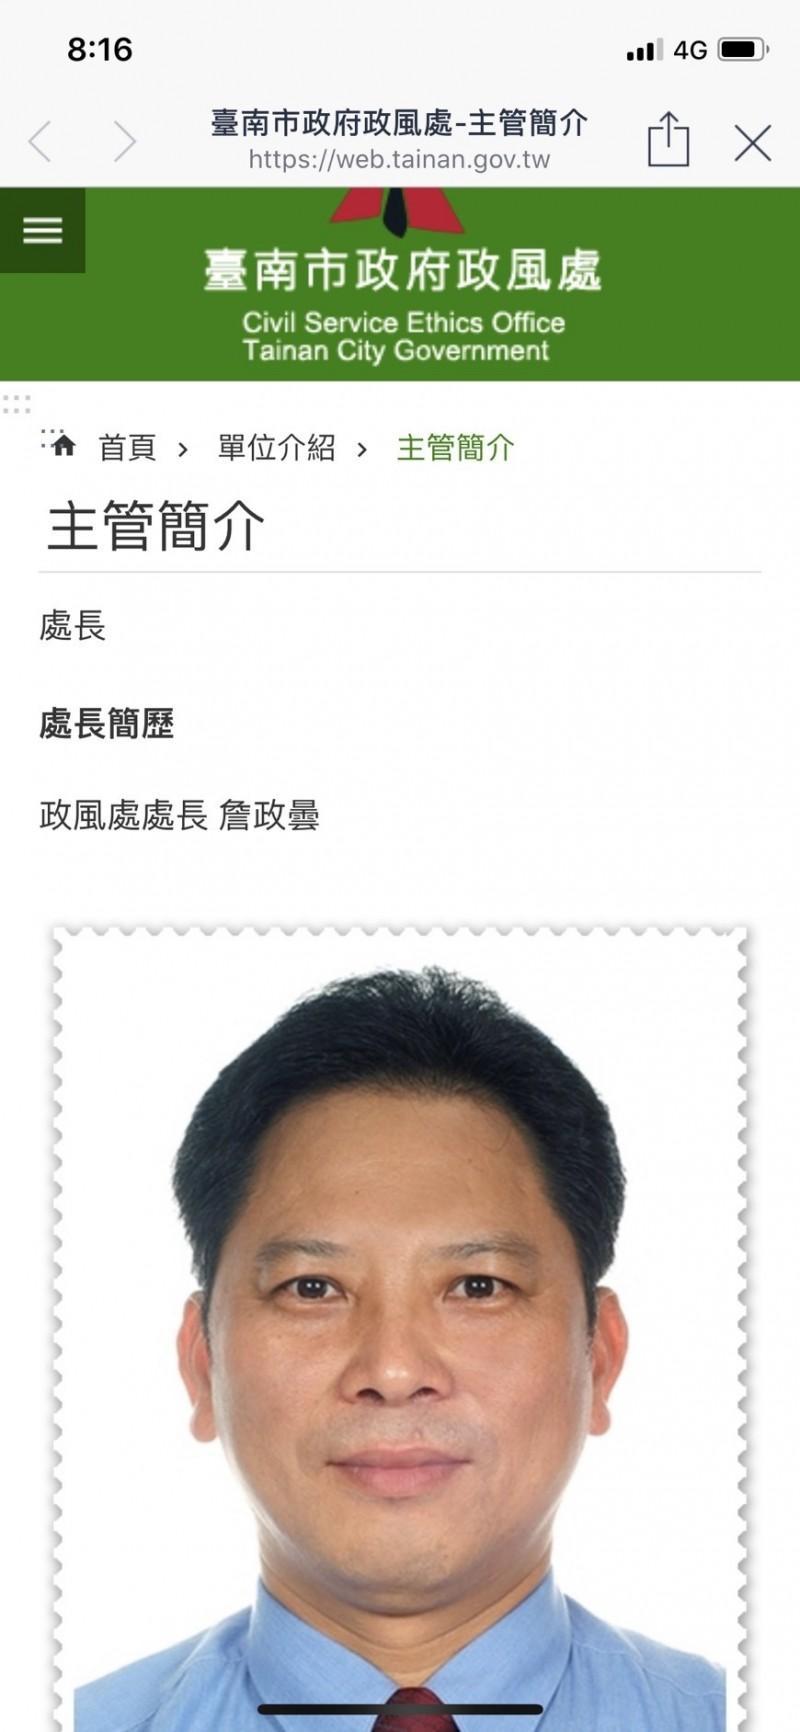 台中市政風處長詹政曇已報到,但台南市政府政風處網站仍掛著他的的資料。(取自台南市政風處網站)